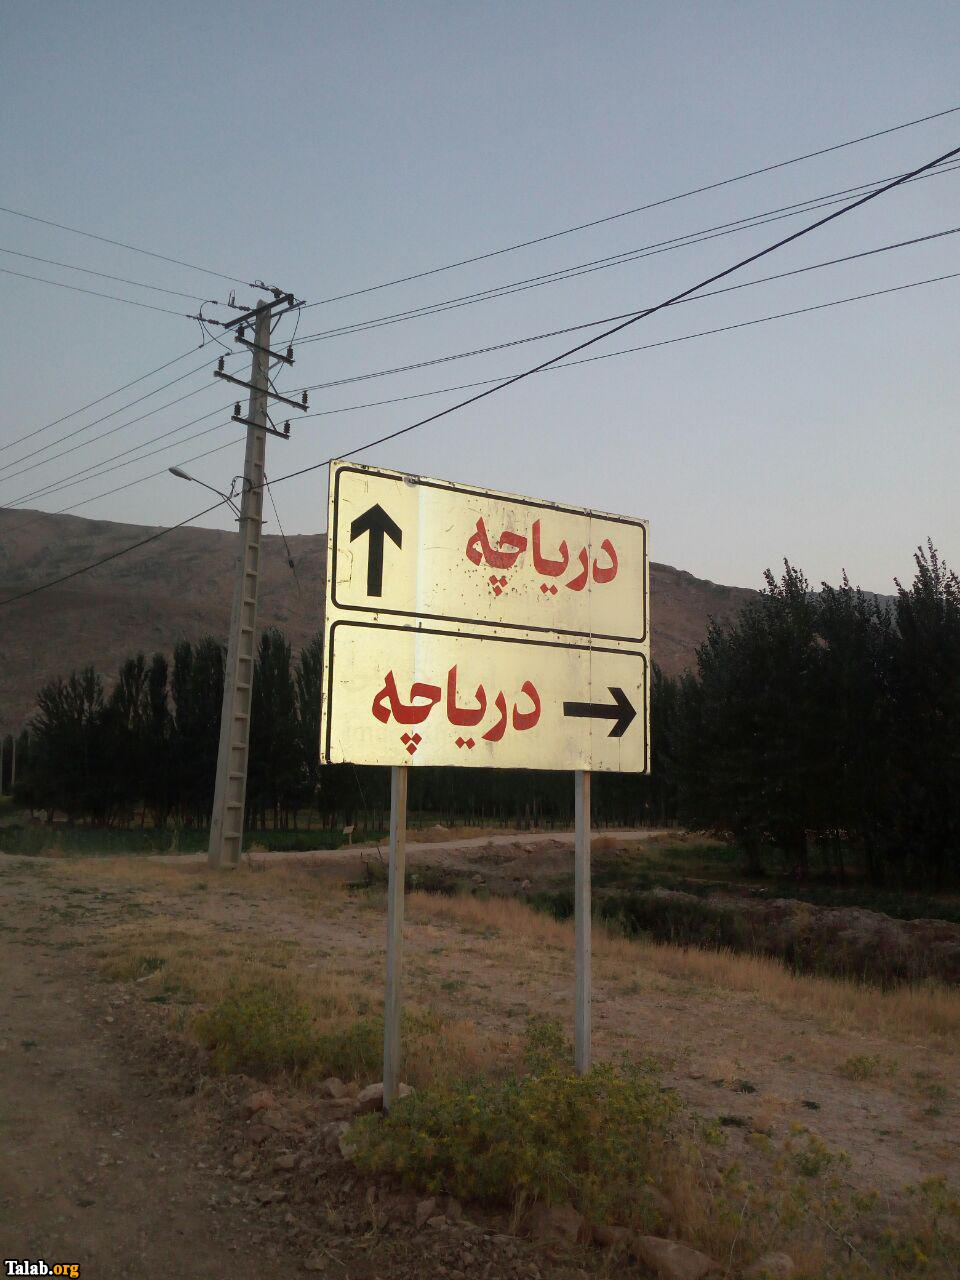 سری جدید عکس های خنده دار و بامزه ایران و جهان (68)